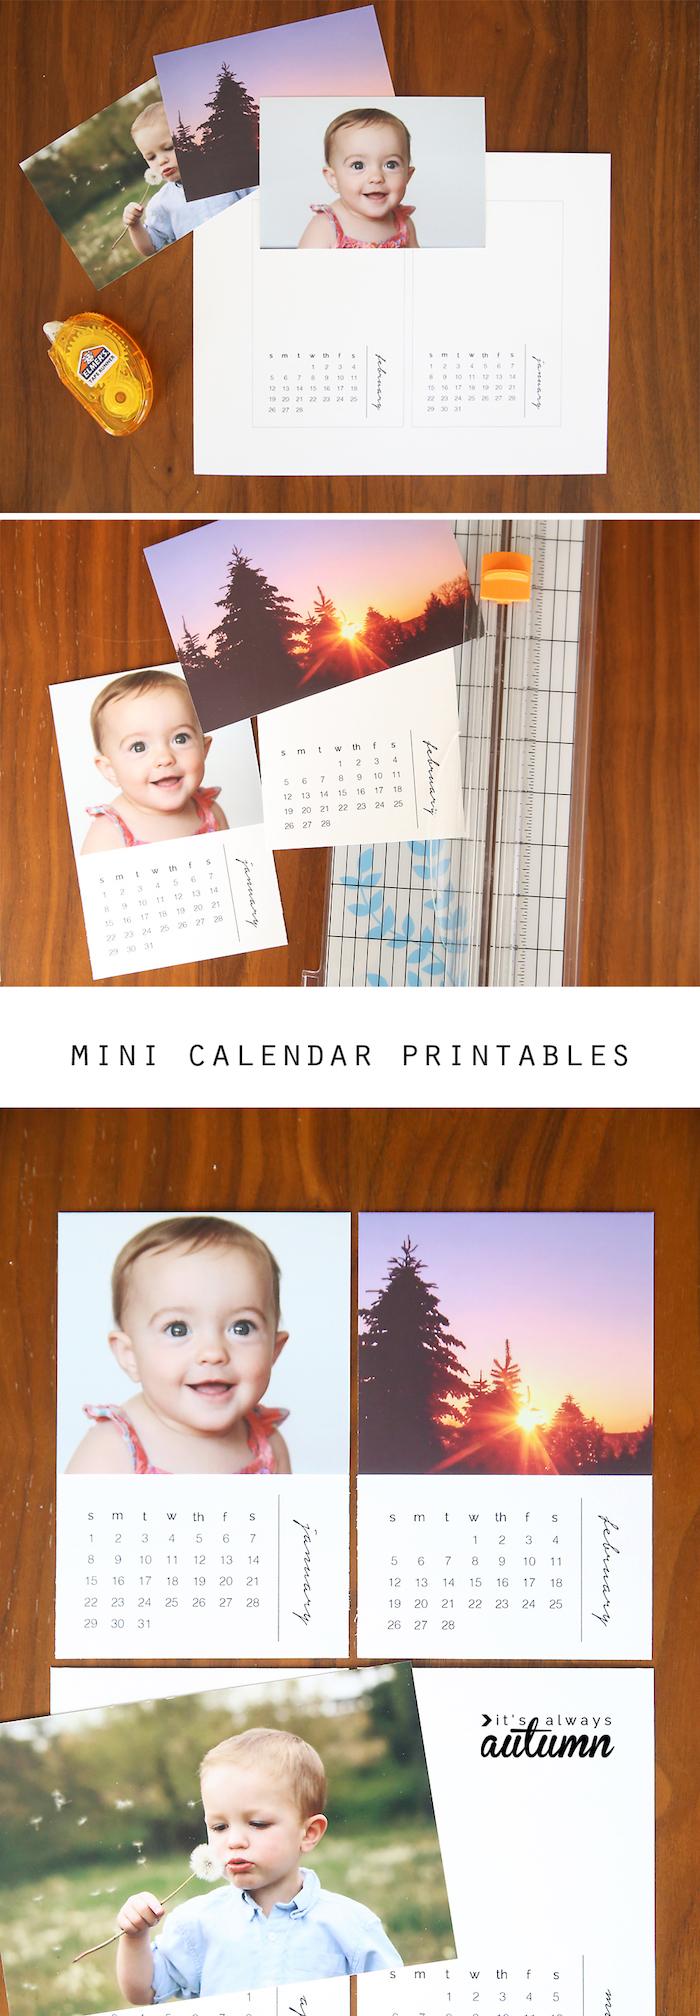 shcnelle mutterstagsgeschenke basteln, kalender mit fotos, einfach und schnell, günstig